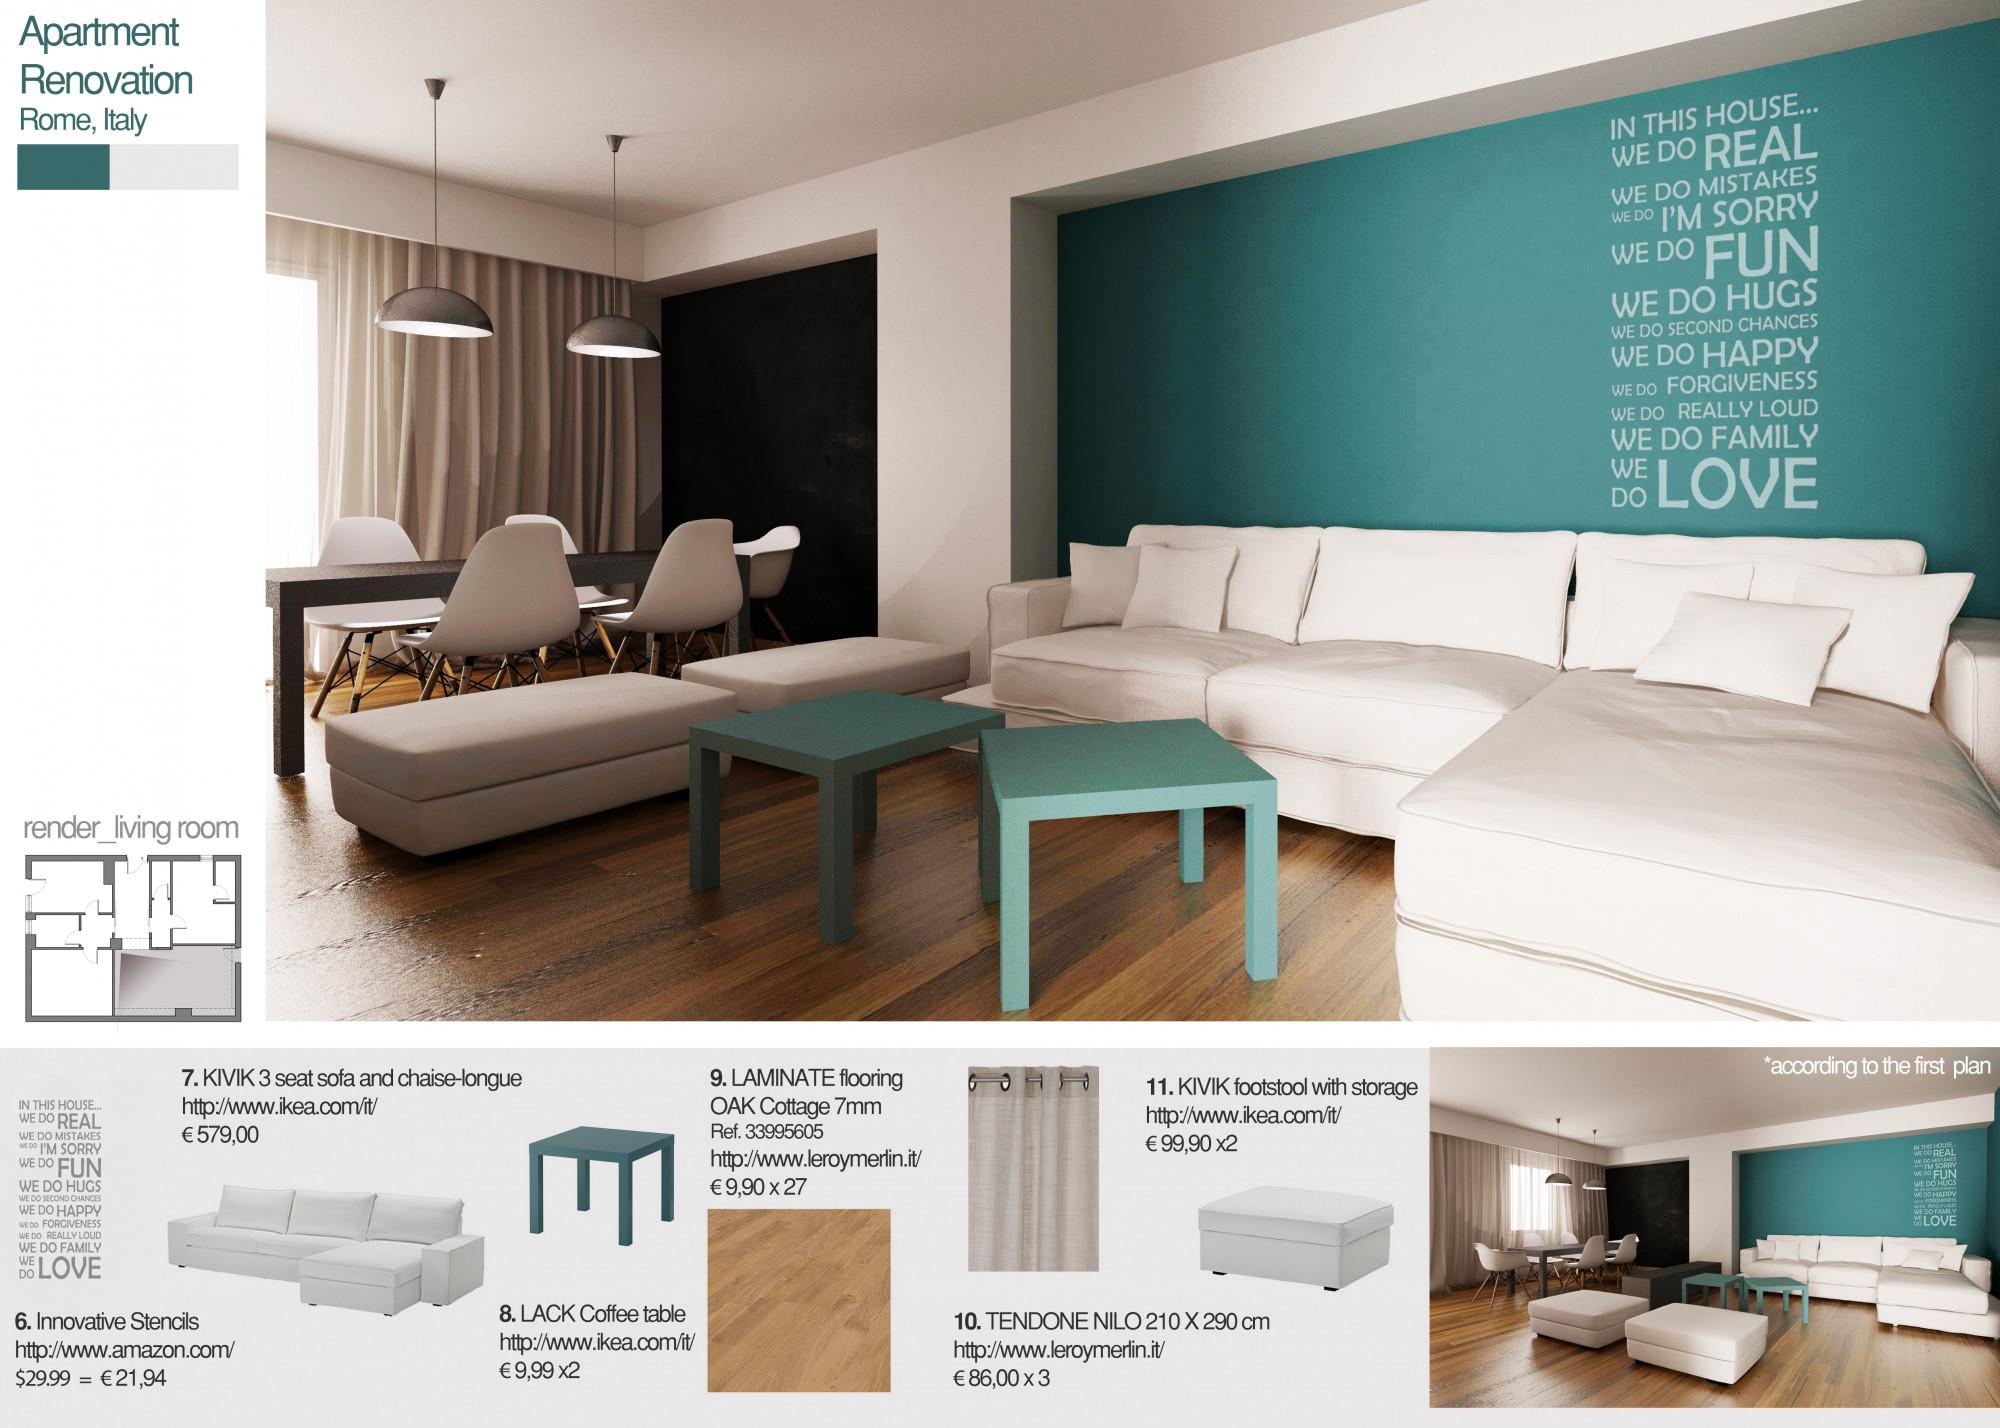 Idee Economiche Per Abbellire Casa 6 idee per rinnovare casa e venderla più facilmente